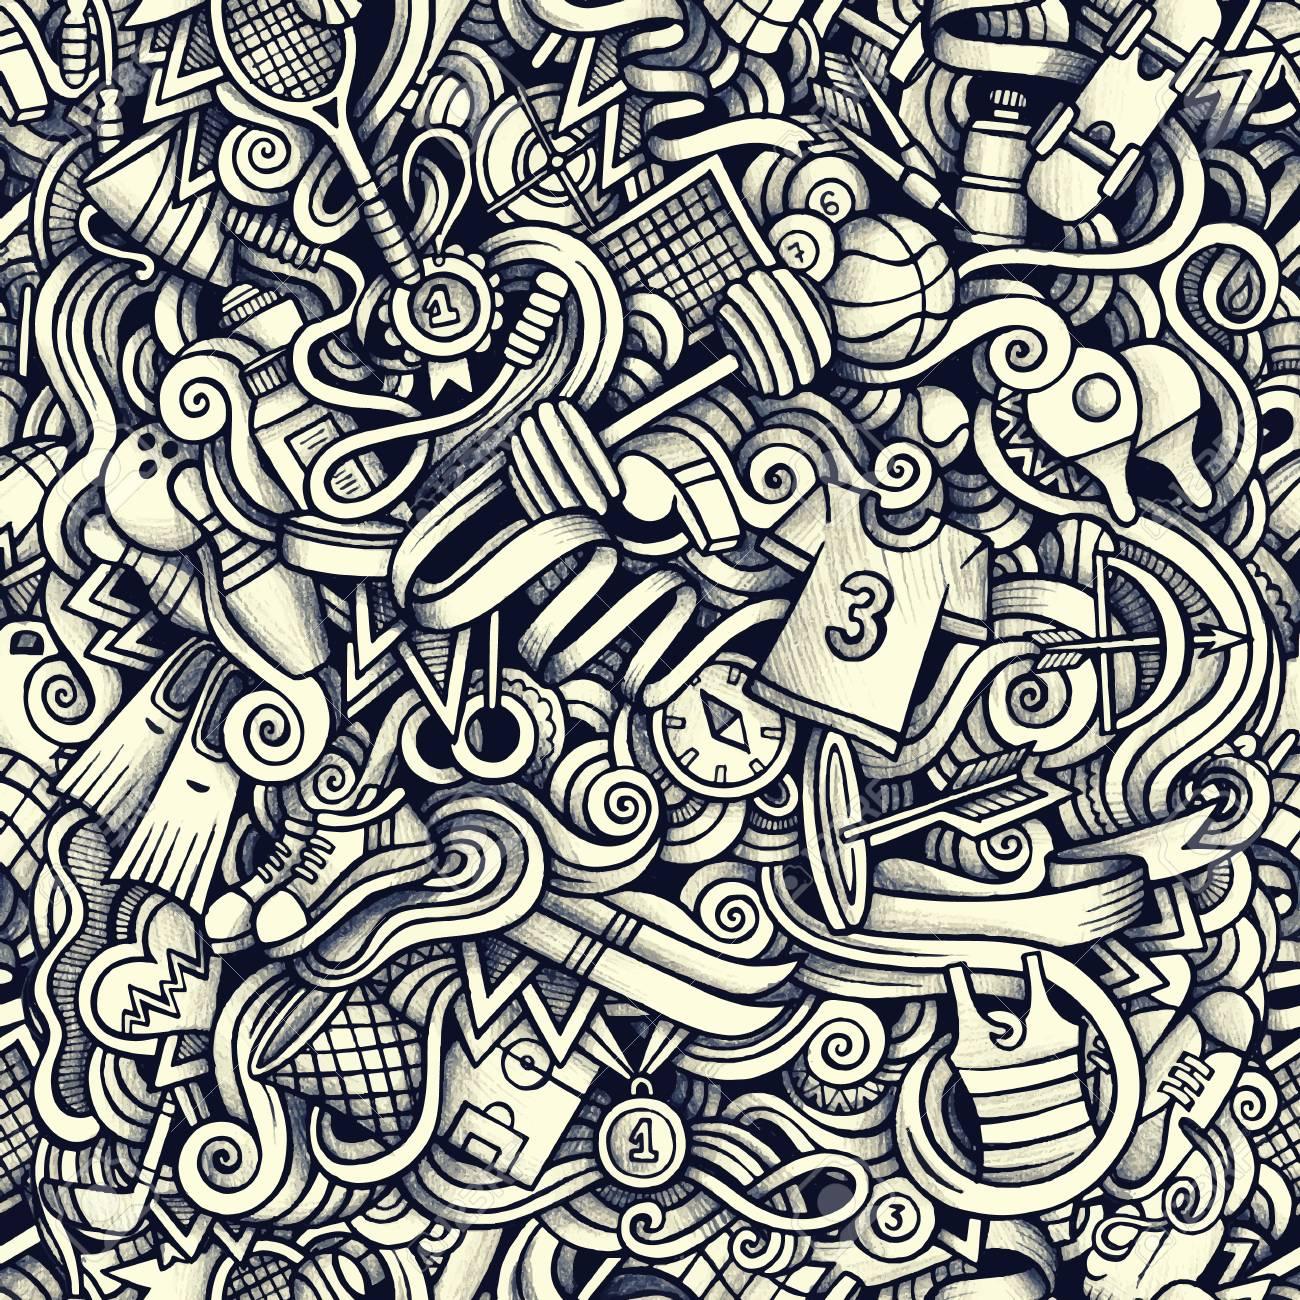 Grafica Sport Disegnata A Mano Disegni Artistici Senza Soluzione Di